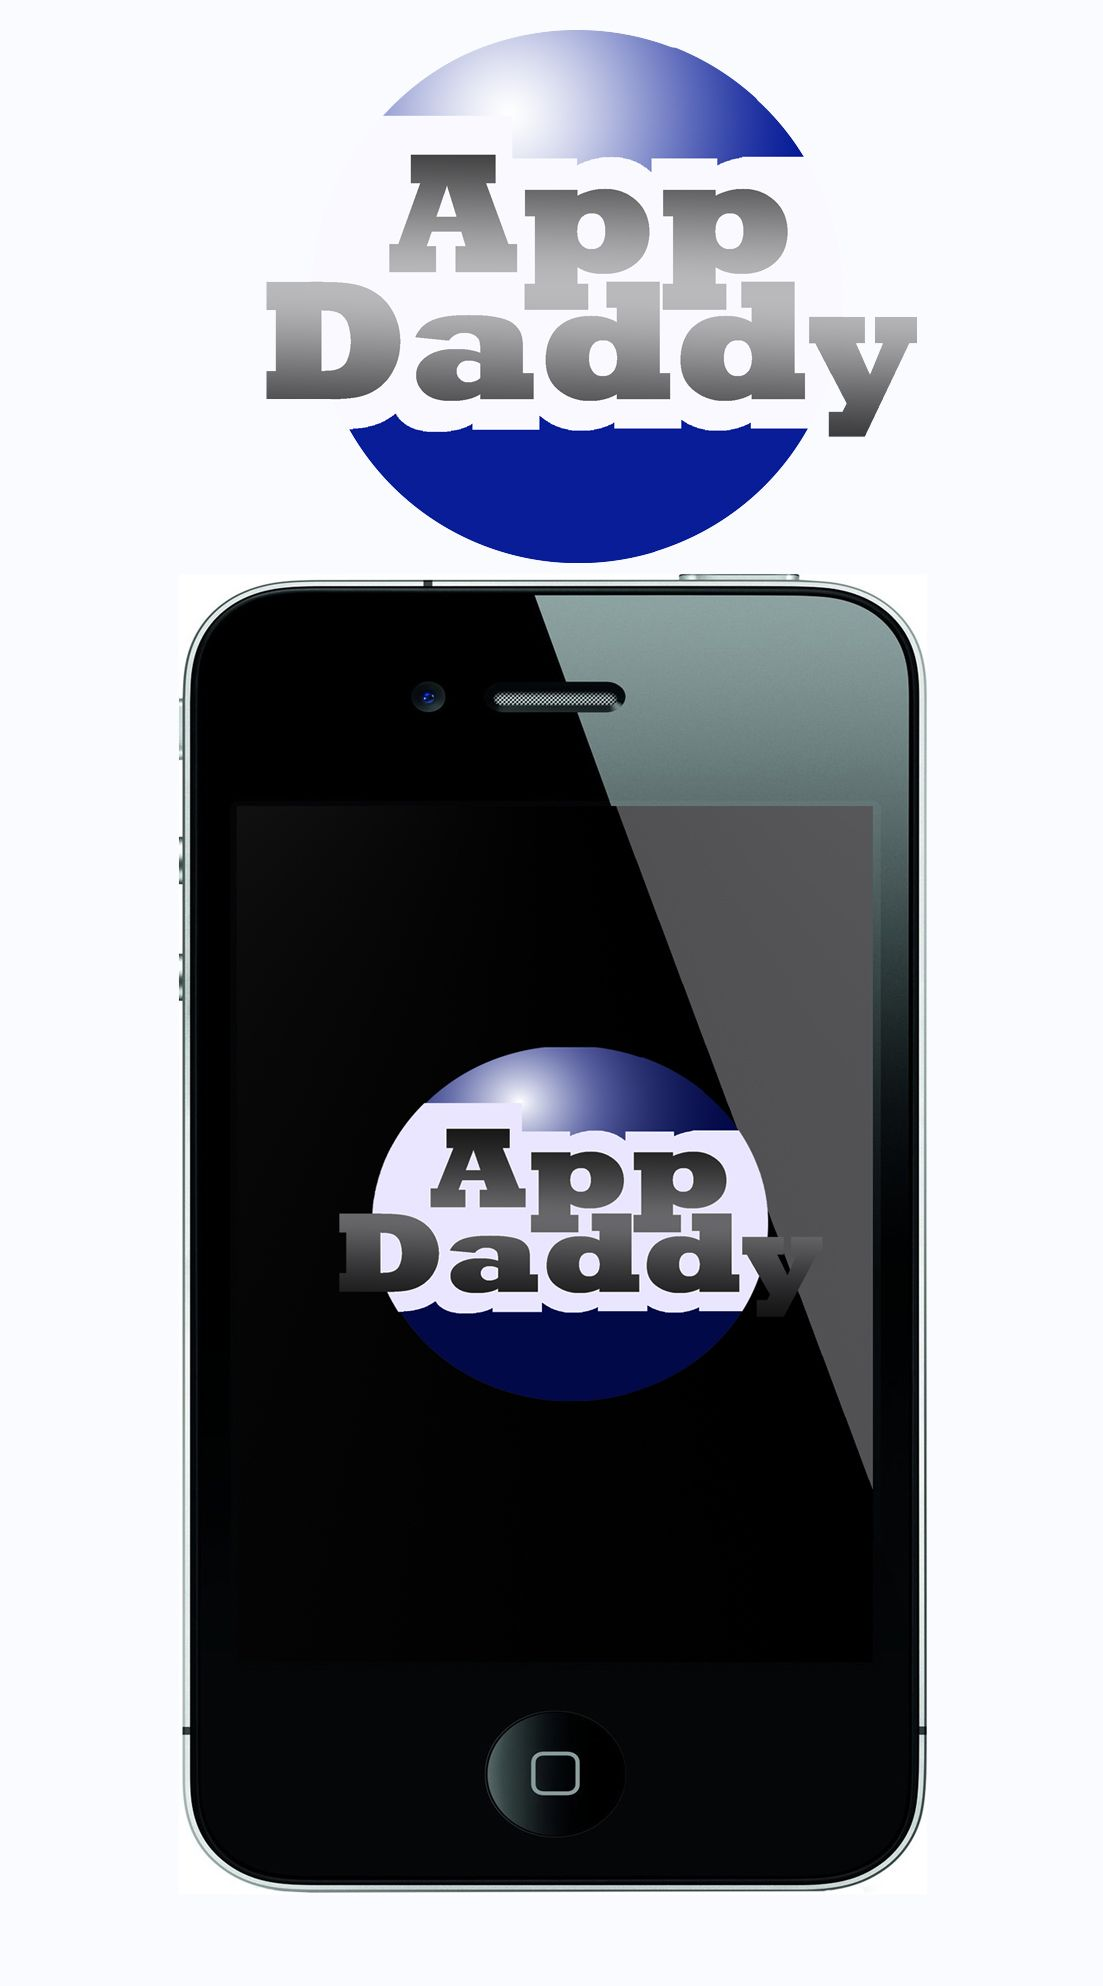 Логотип для сайта-приложения-компании - дизайнер Velo16